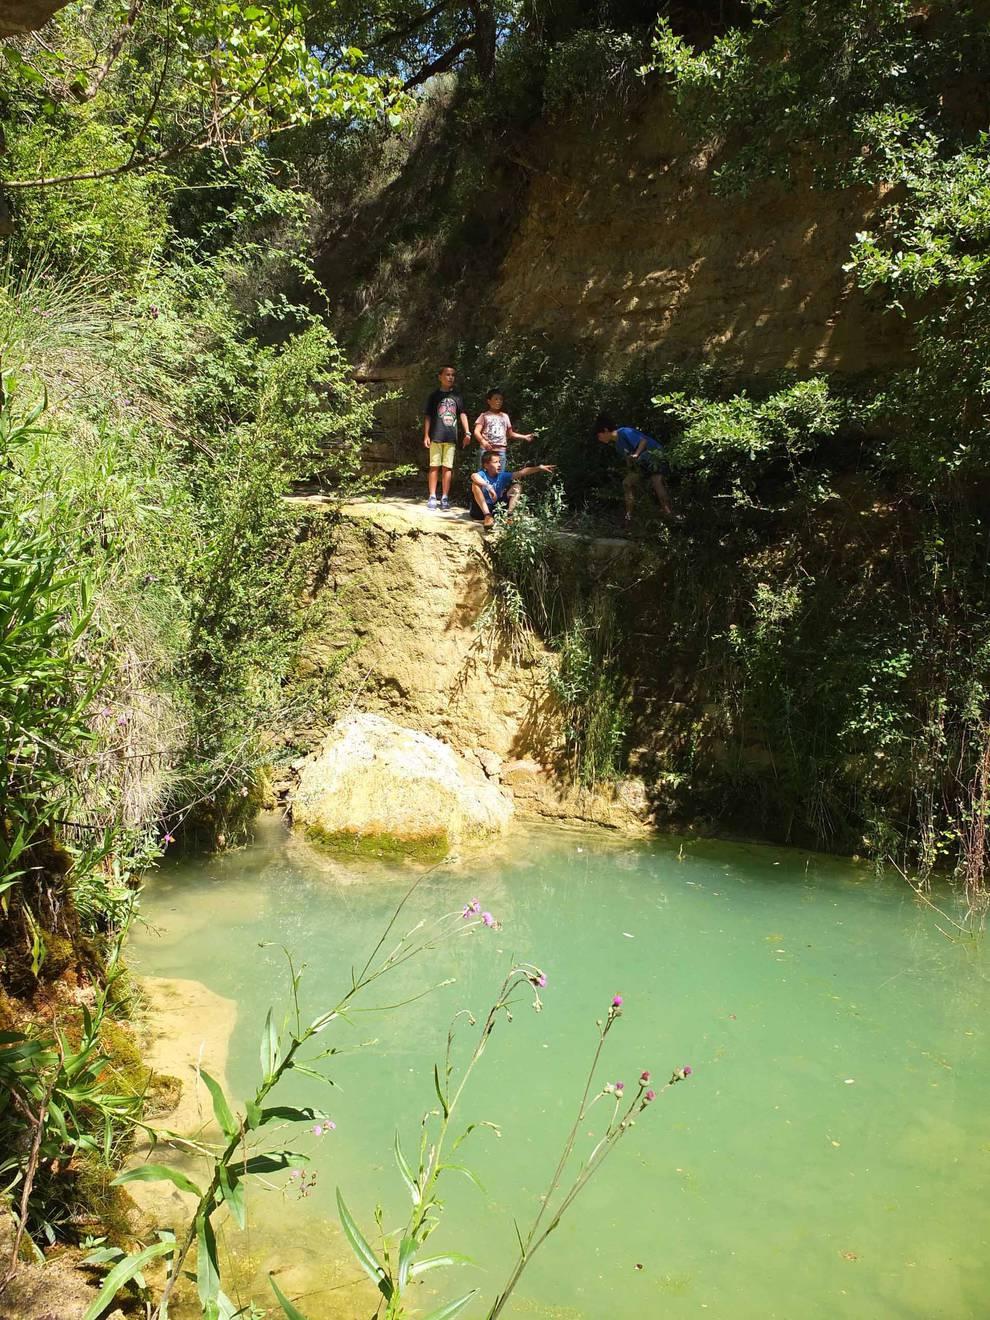 Pozo de las hiedras (1/8) - Fotos de la excursión al pozo de las hiedras en Aibar (Navarra). - Conocer Navarra -